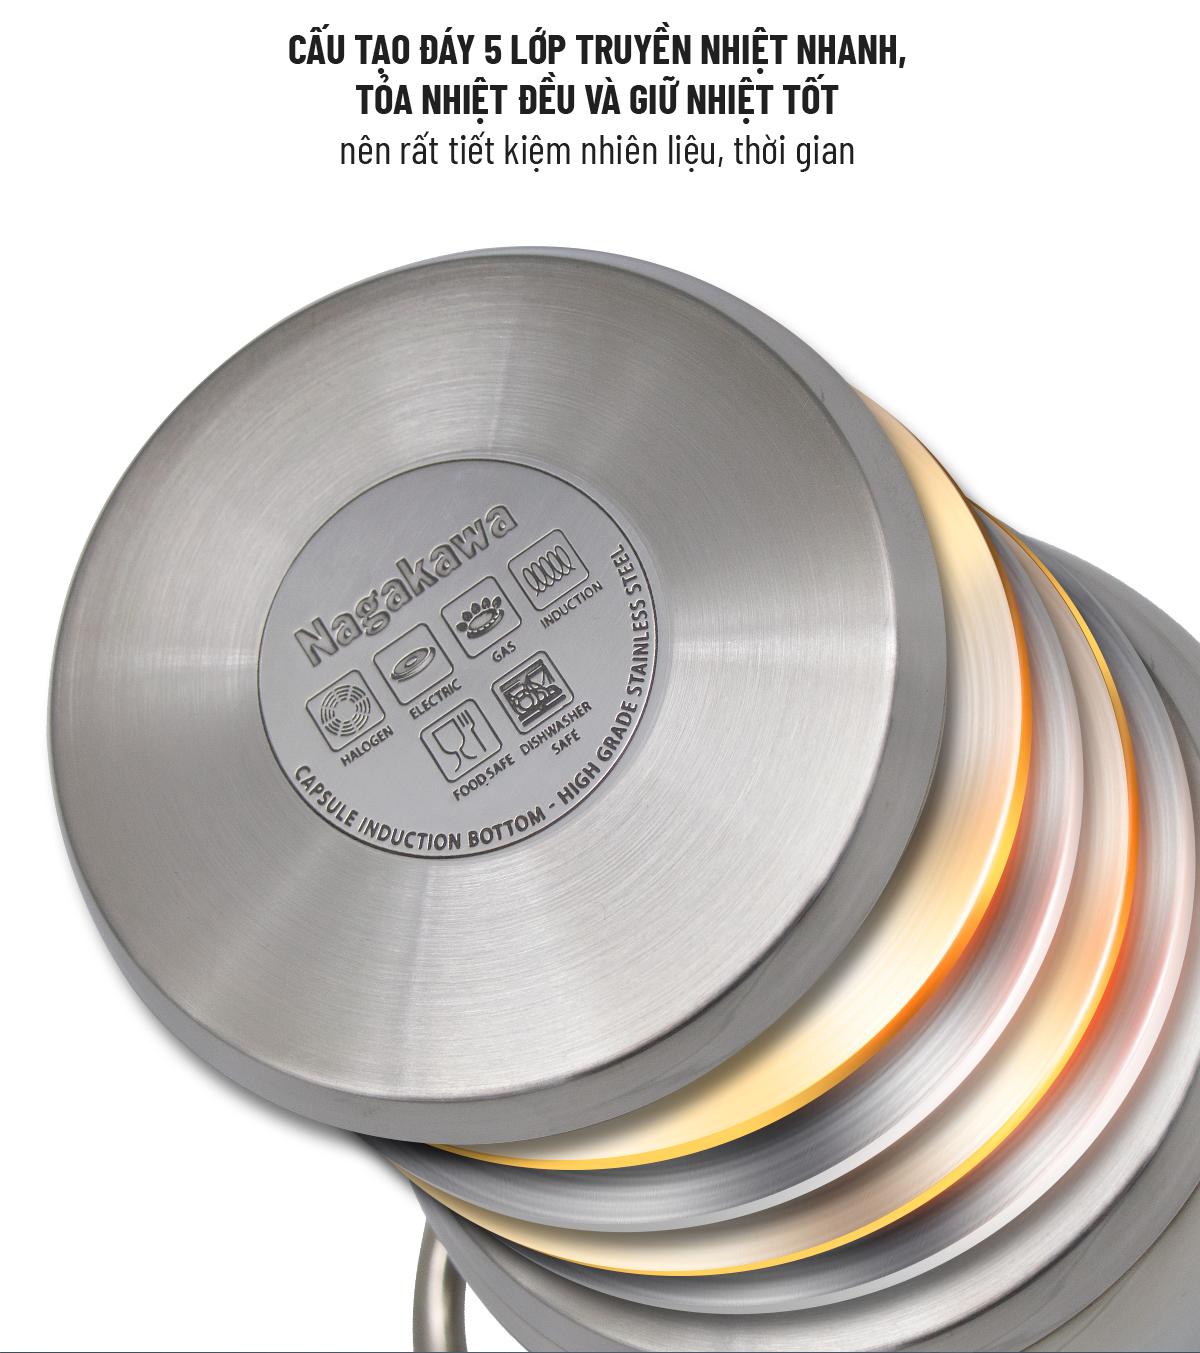 Bộ 3 Nồi Inox 5 Đáy Cao Cấp Nagakawa NAG1351 (16cm, 20cm, 24cm) Dùng Cho Mọi Loại Bếp - Hàng Chính Hãng